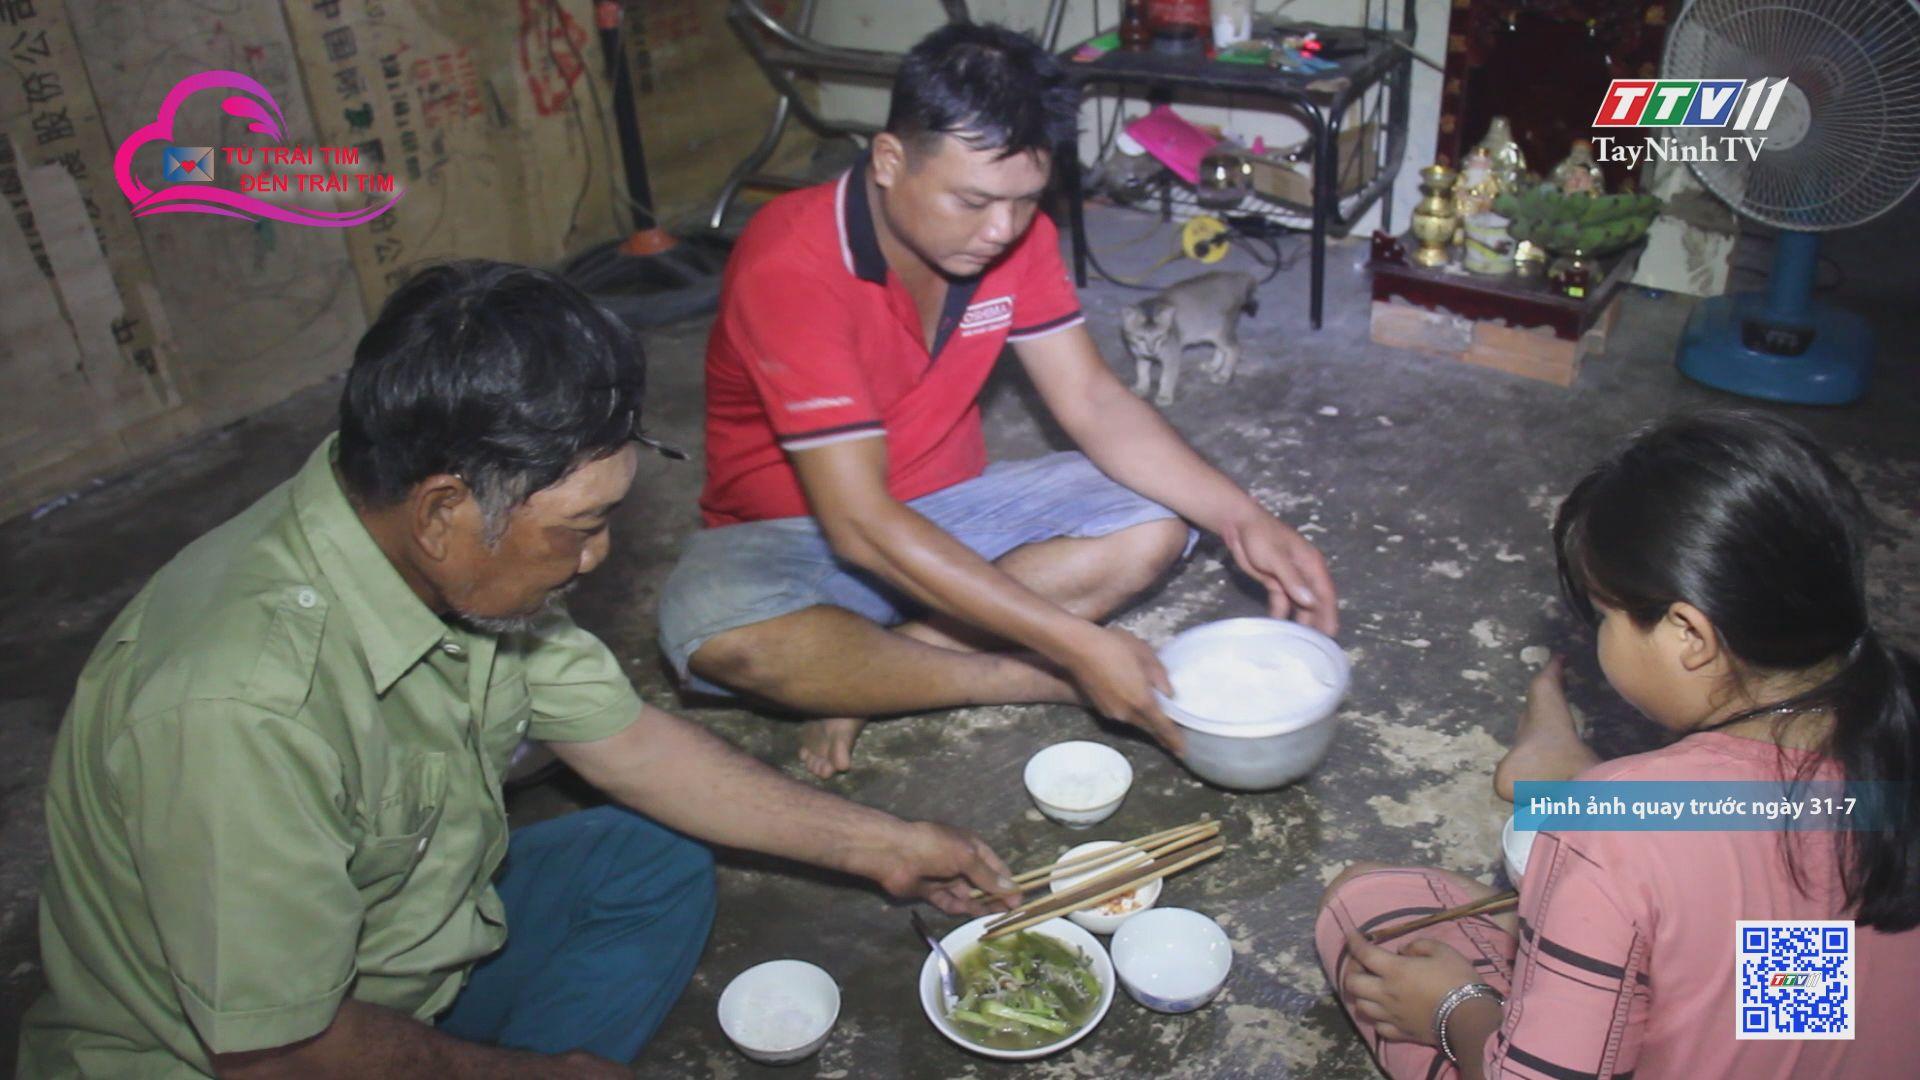 Bốn thế hệ bất hạnh trong căn nhà rách nát | TỪ TRÁI TIM ĐẾN TRÁI TIM | TayNinhTV